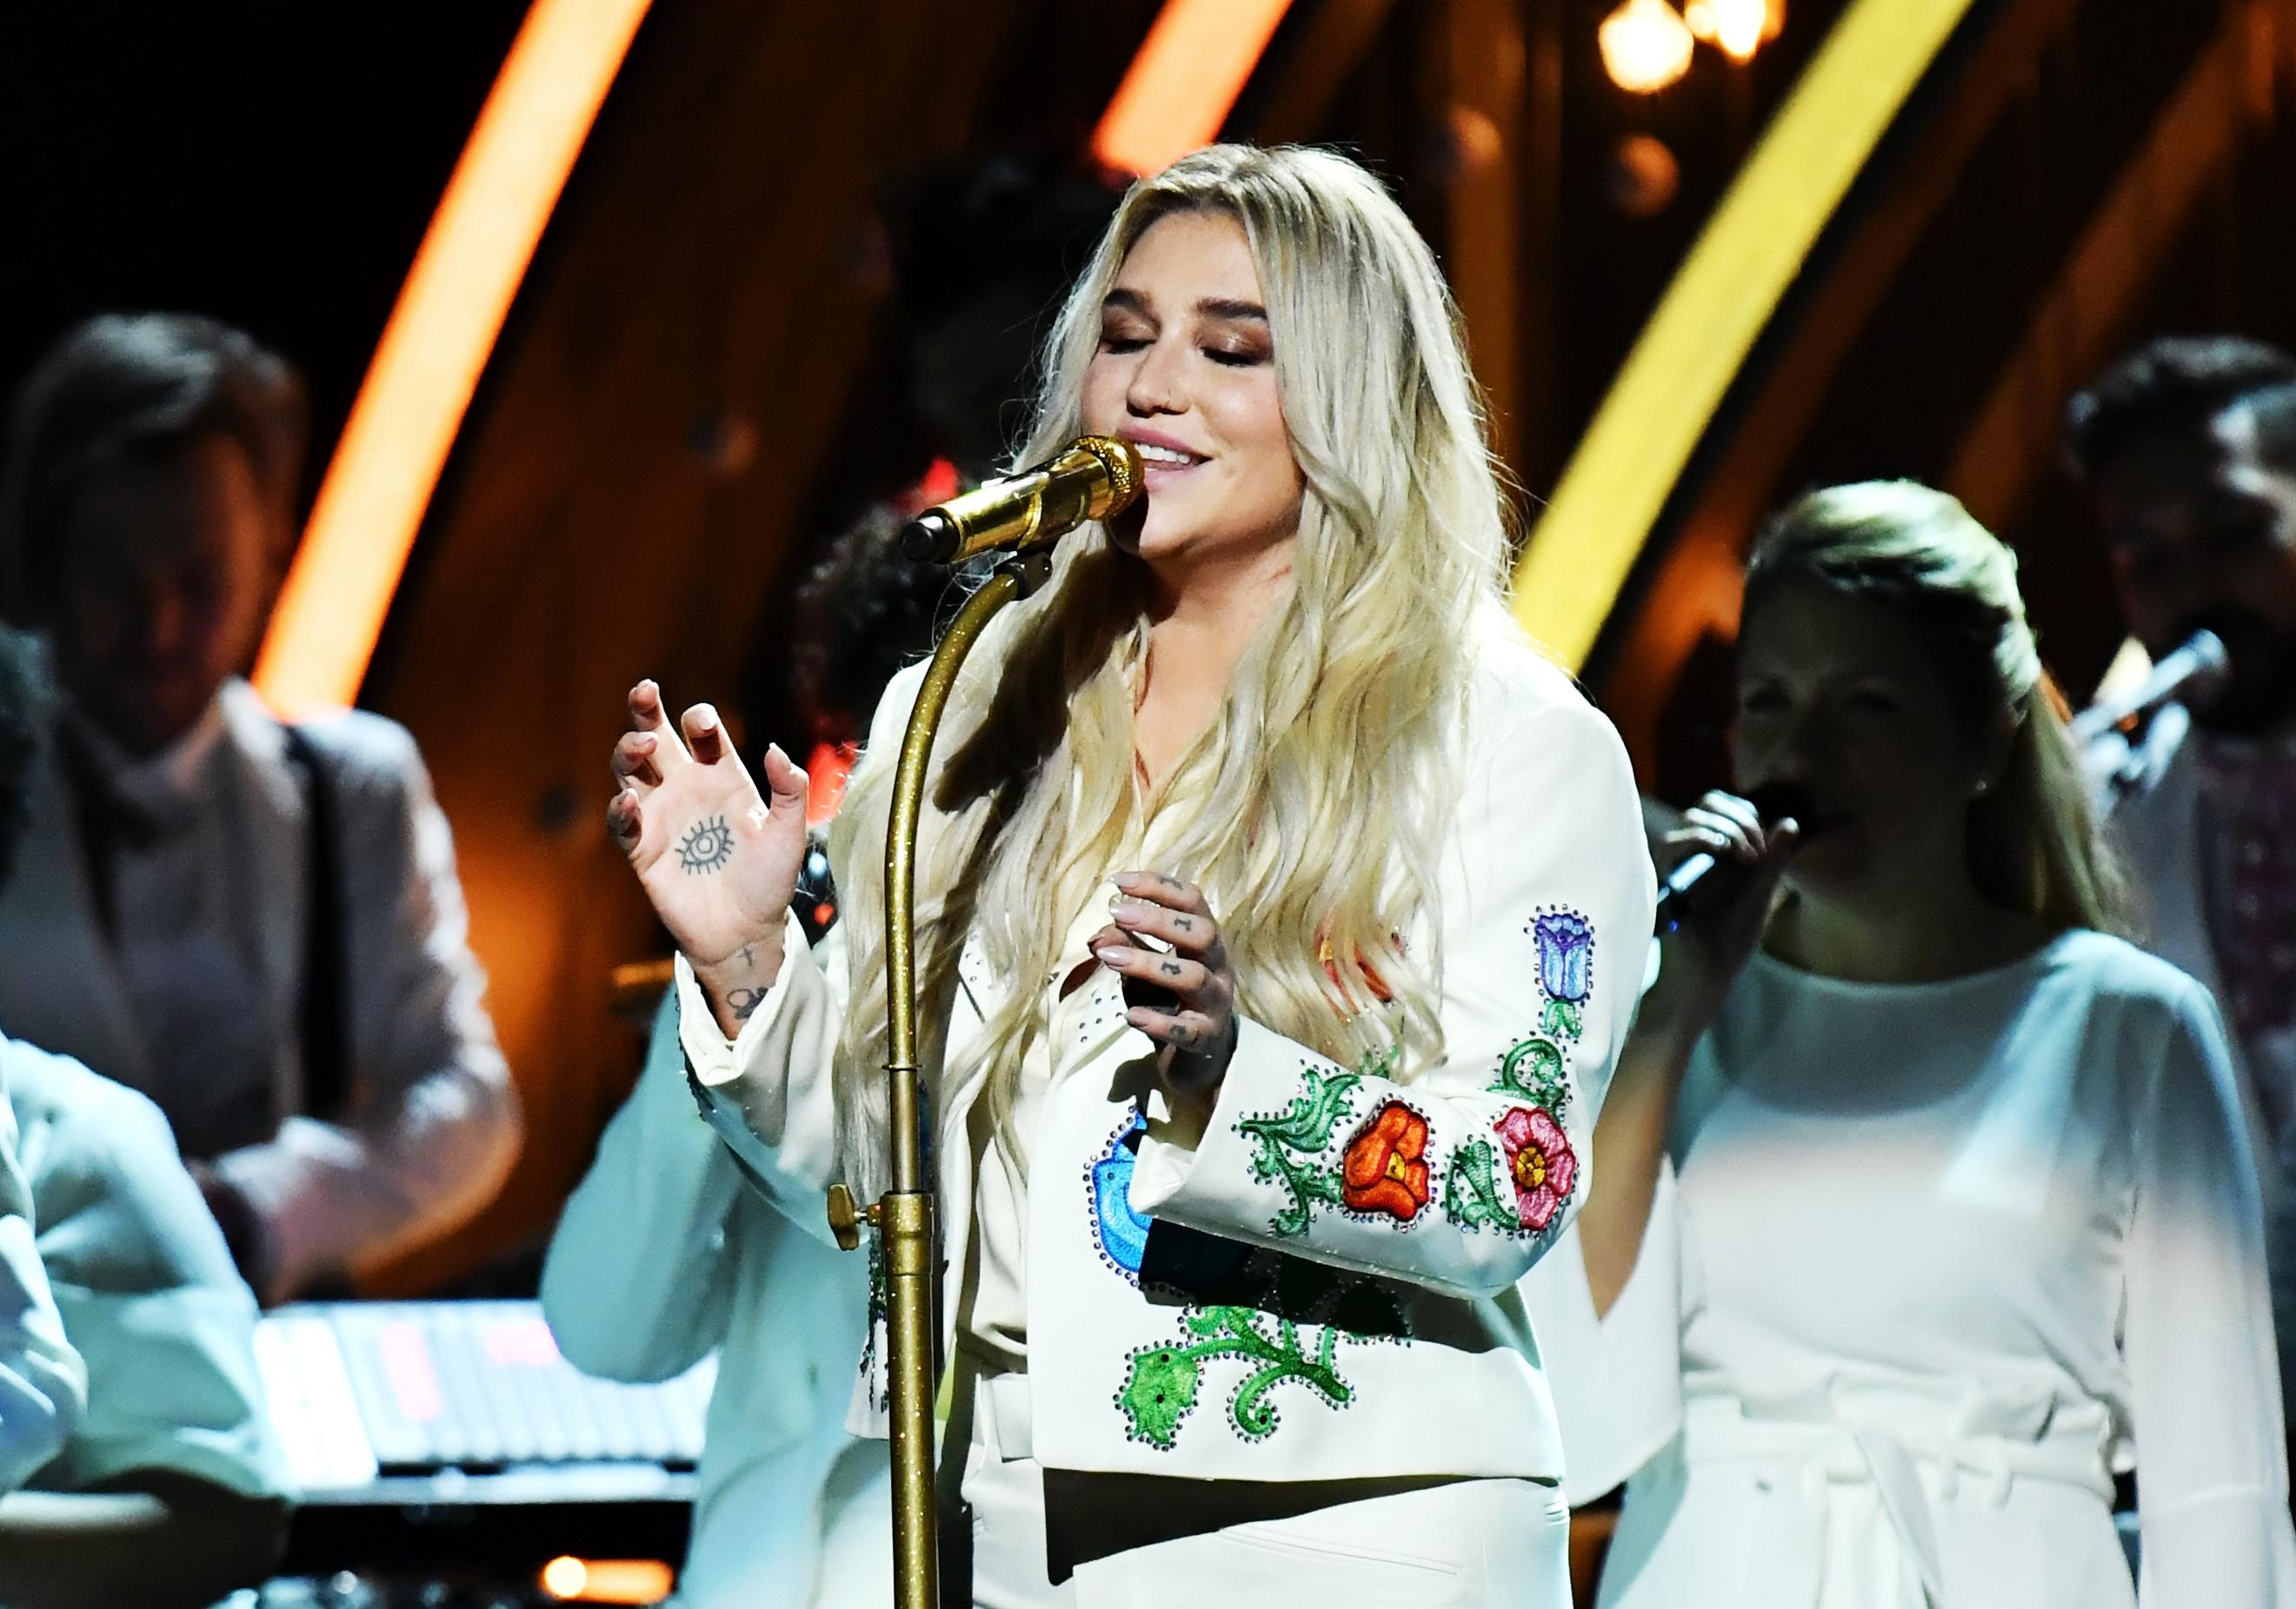 """Kesha singes """"Praying"""" at Grammys Sunday night"""